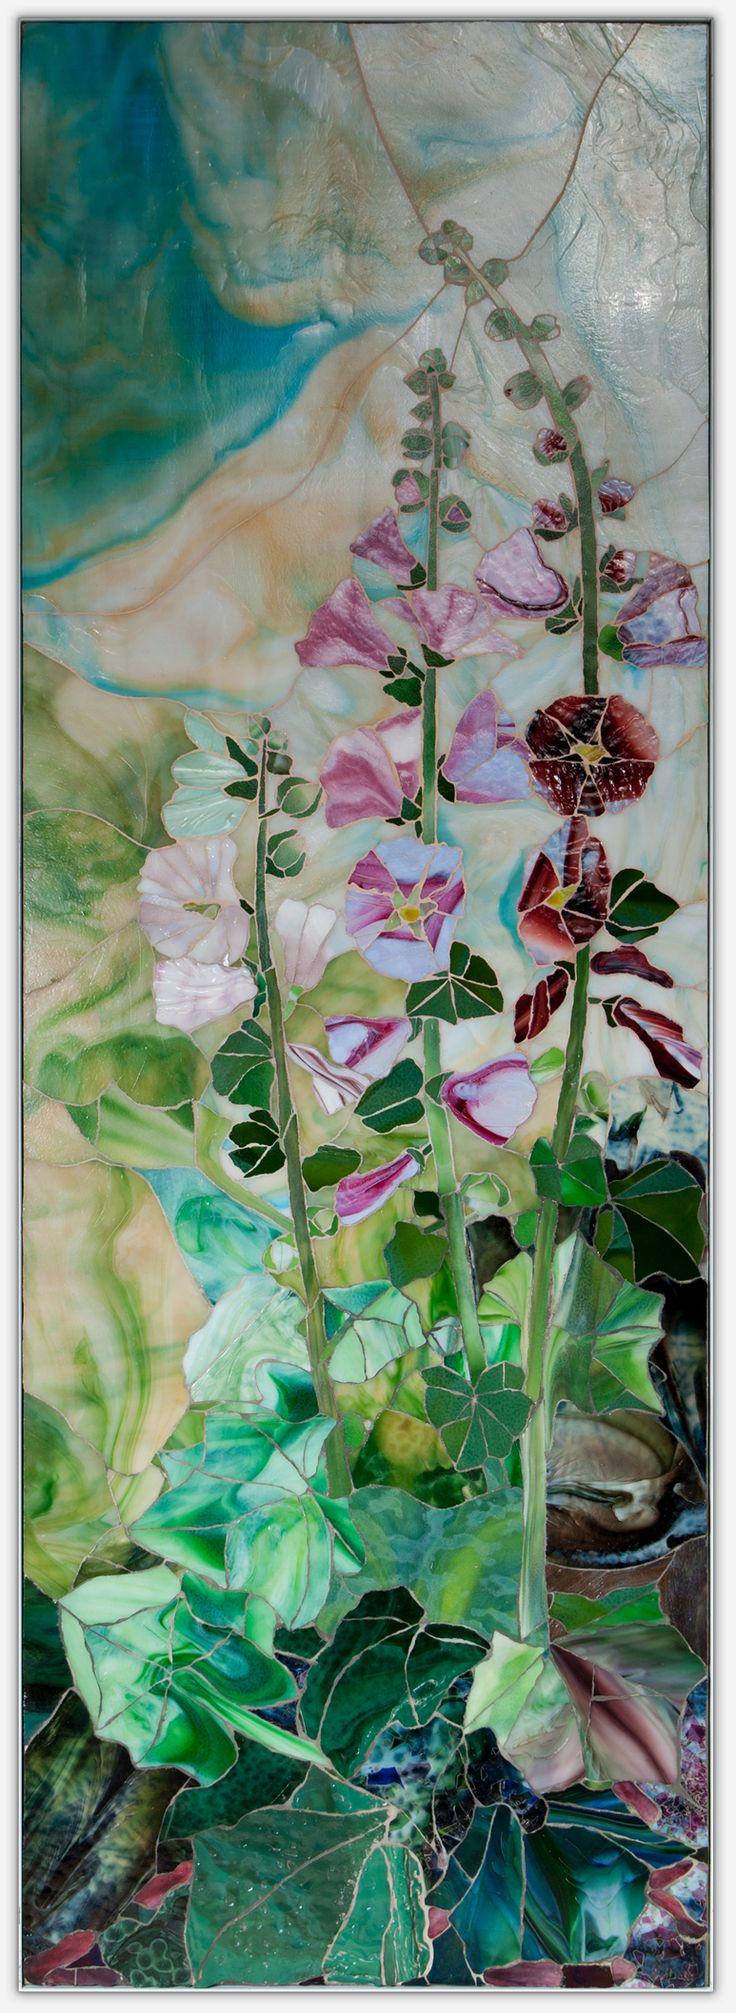 Glass Mosaic: Hollyhocks, 170cm by 61cm - by Rose Scherpenzeel